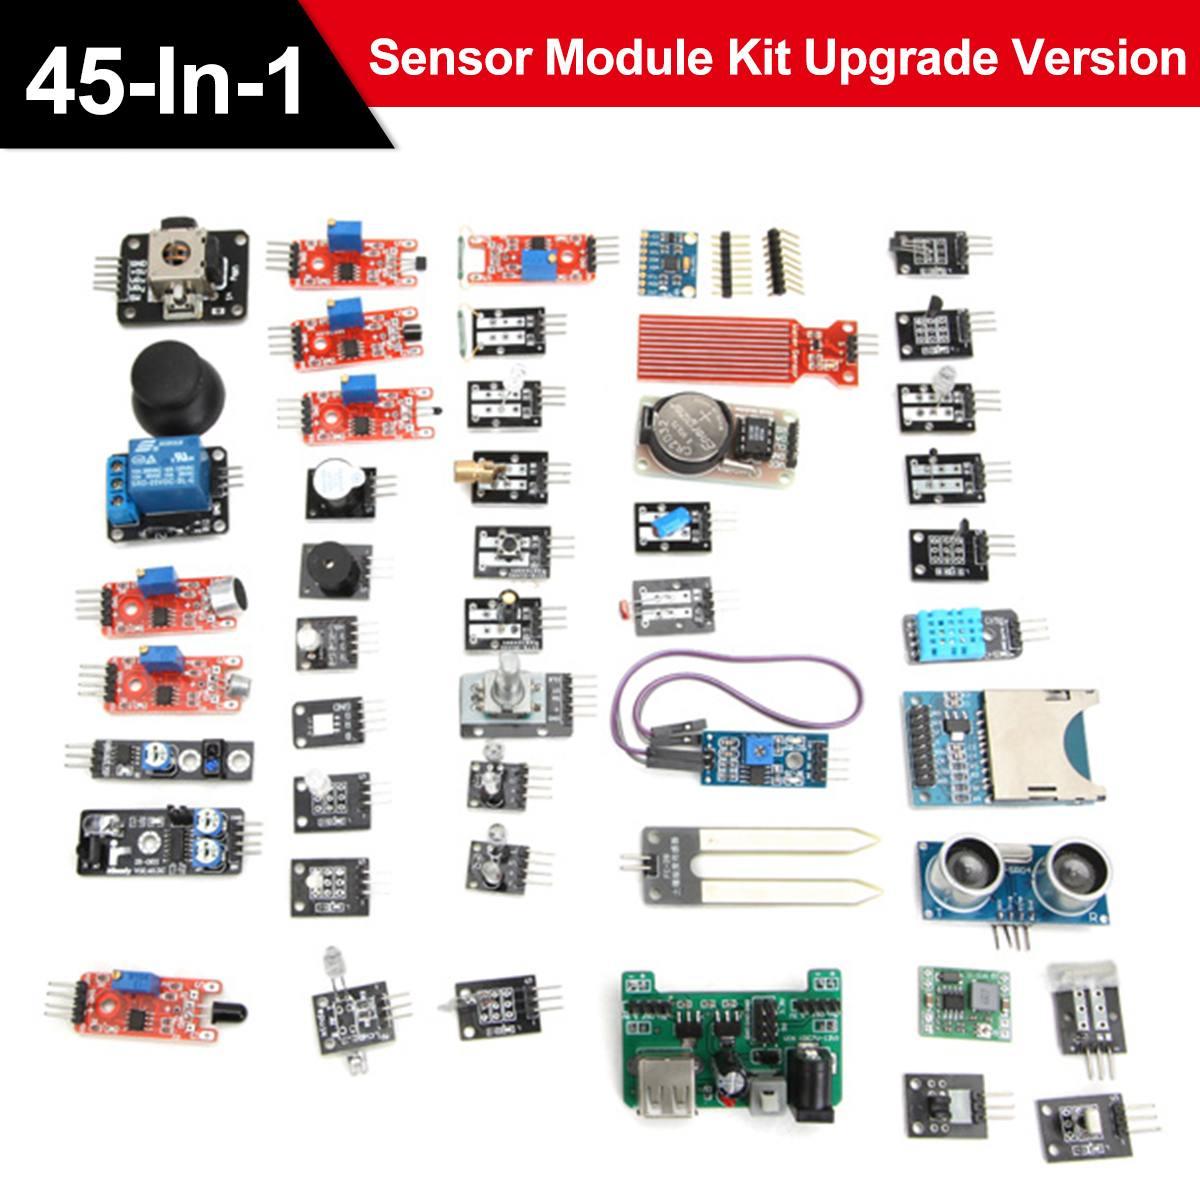 45 In 1 Electrical Sensor Modules Starter Kit For Arduino Upgrade Sensor Kit US